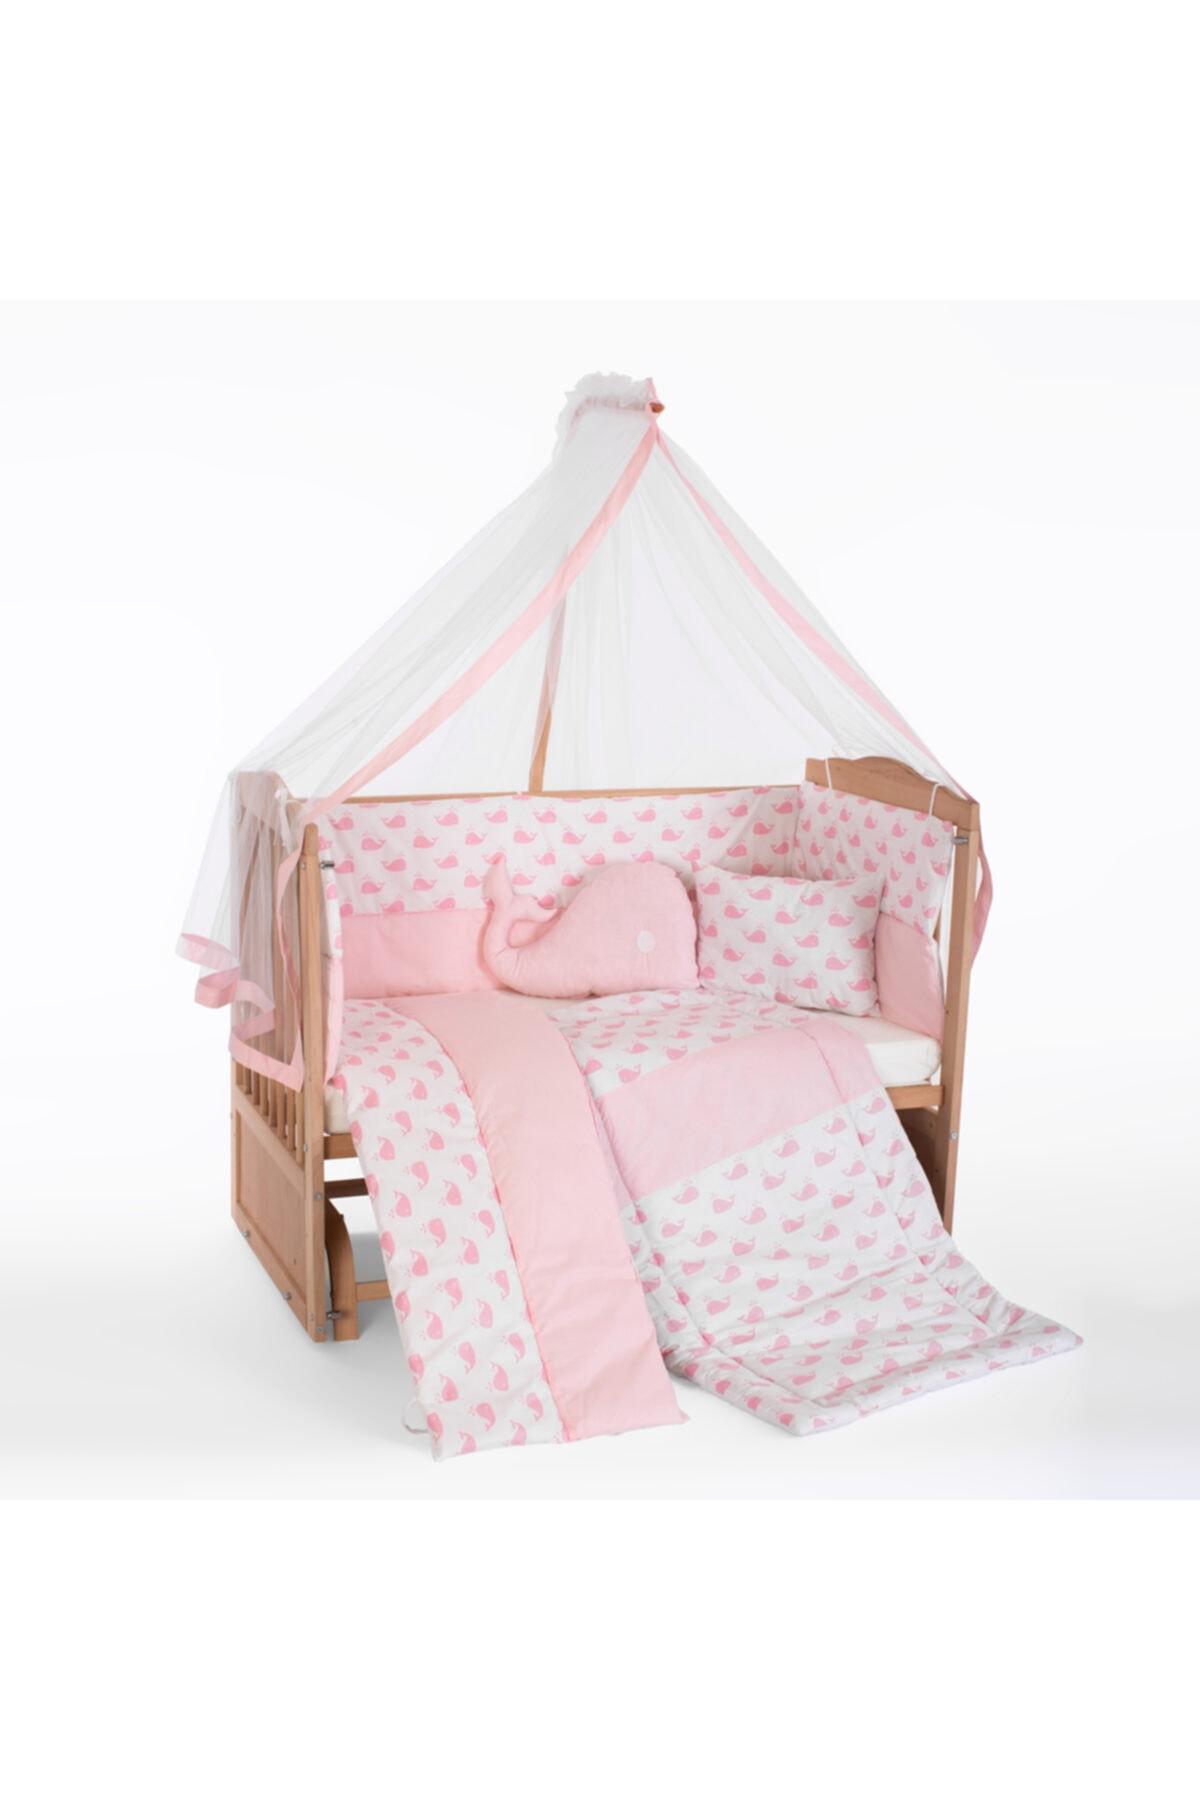 Bebek Uyku Seti Takımı 9 Parça 60 X 120 cm + Pembe Balina